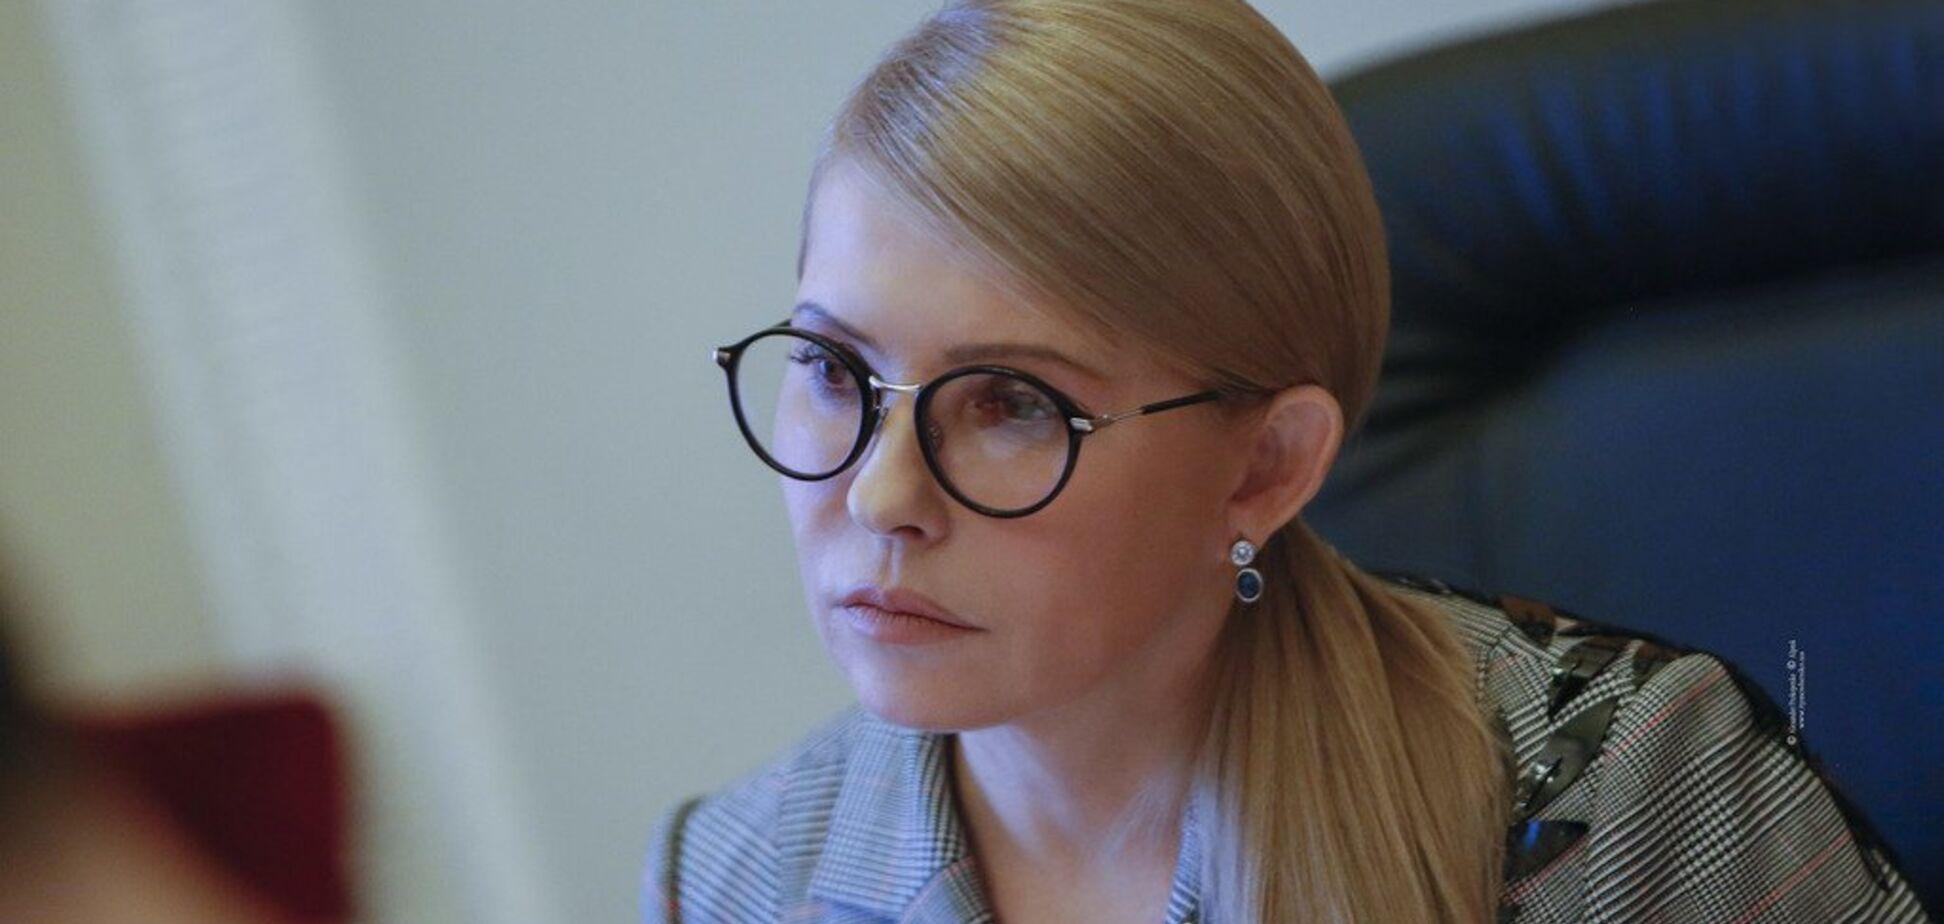 Тимошенко предлагает стратегию развития украинского среднего класса – Крулько